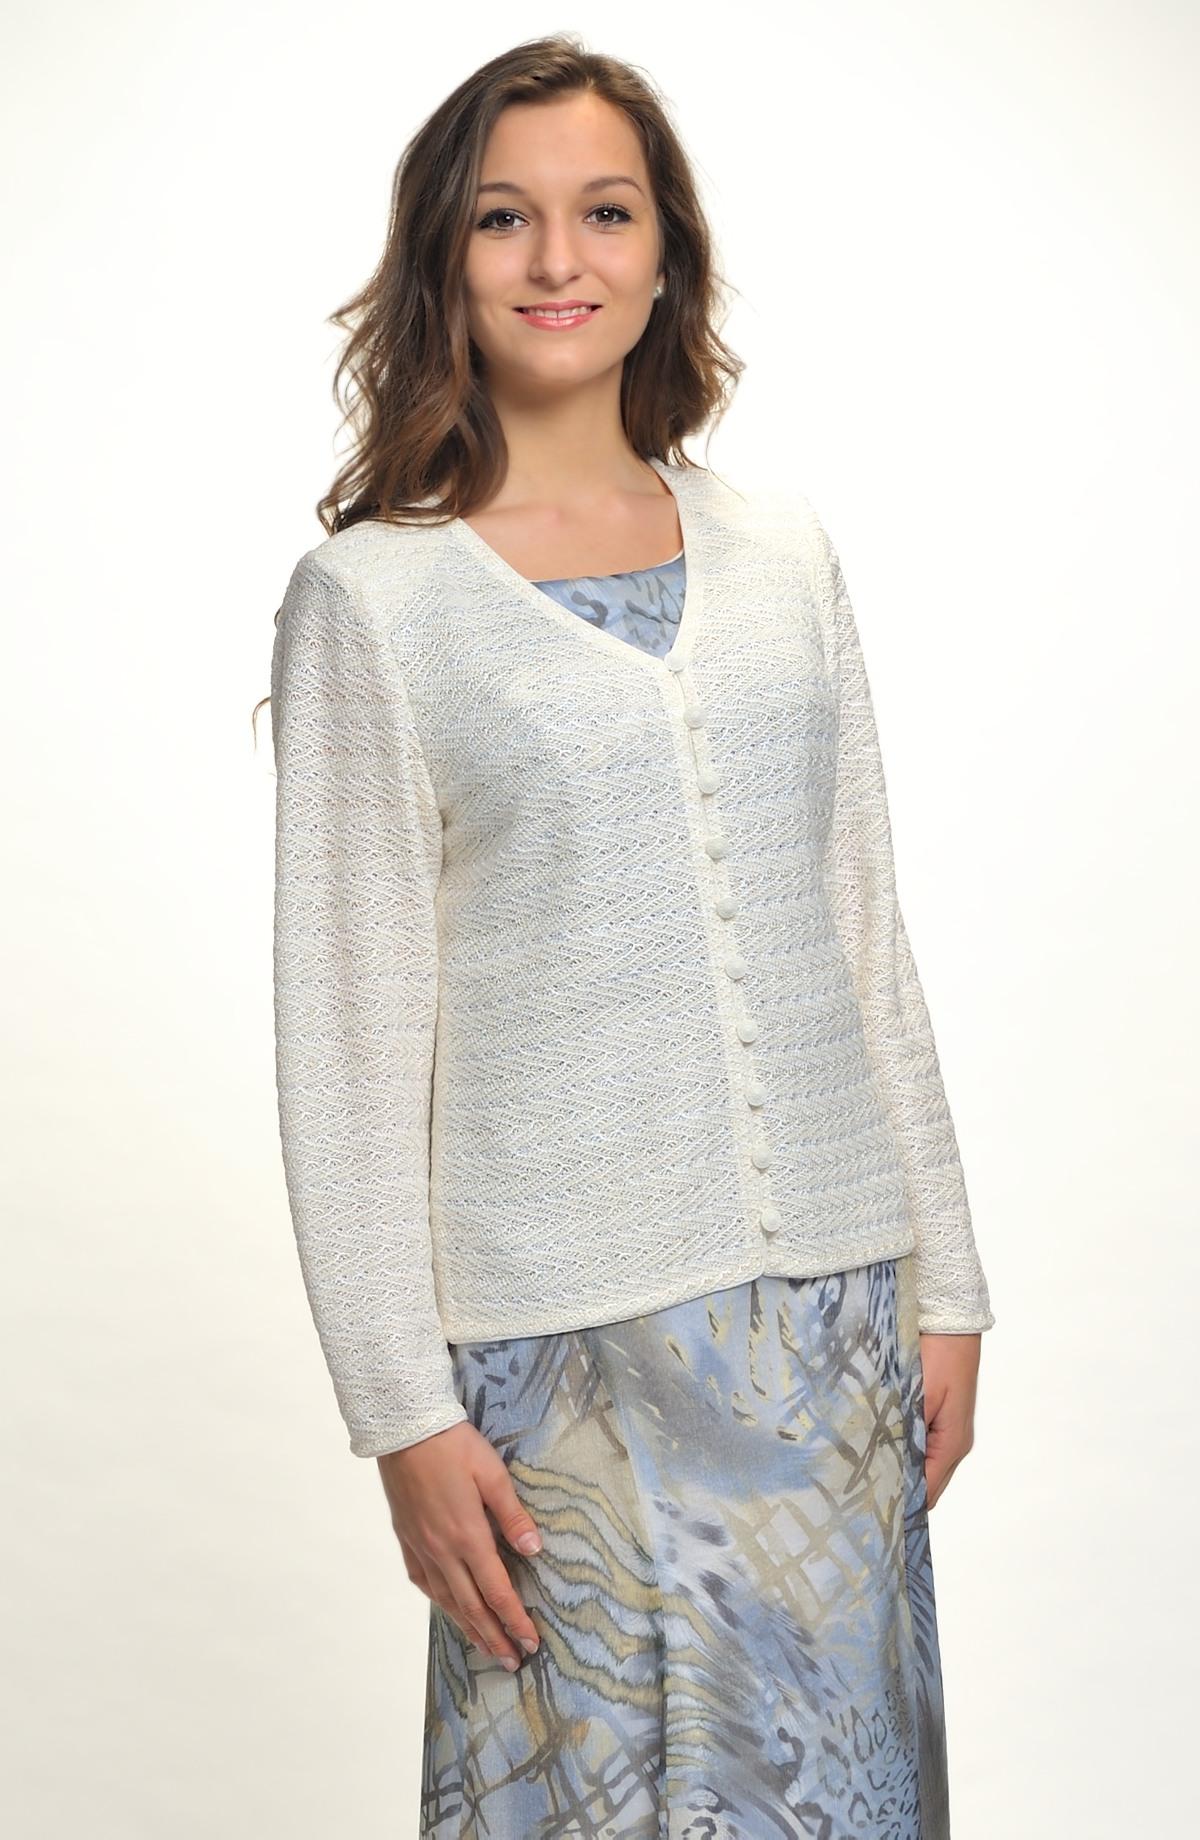 Pletený krajkový svetr - kabátek